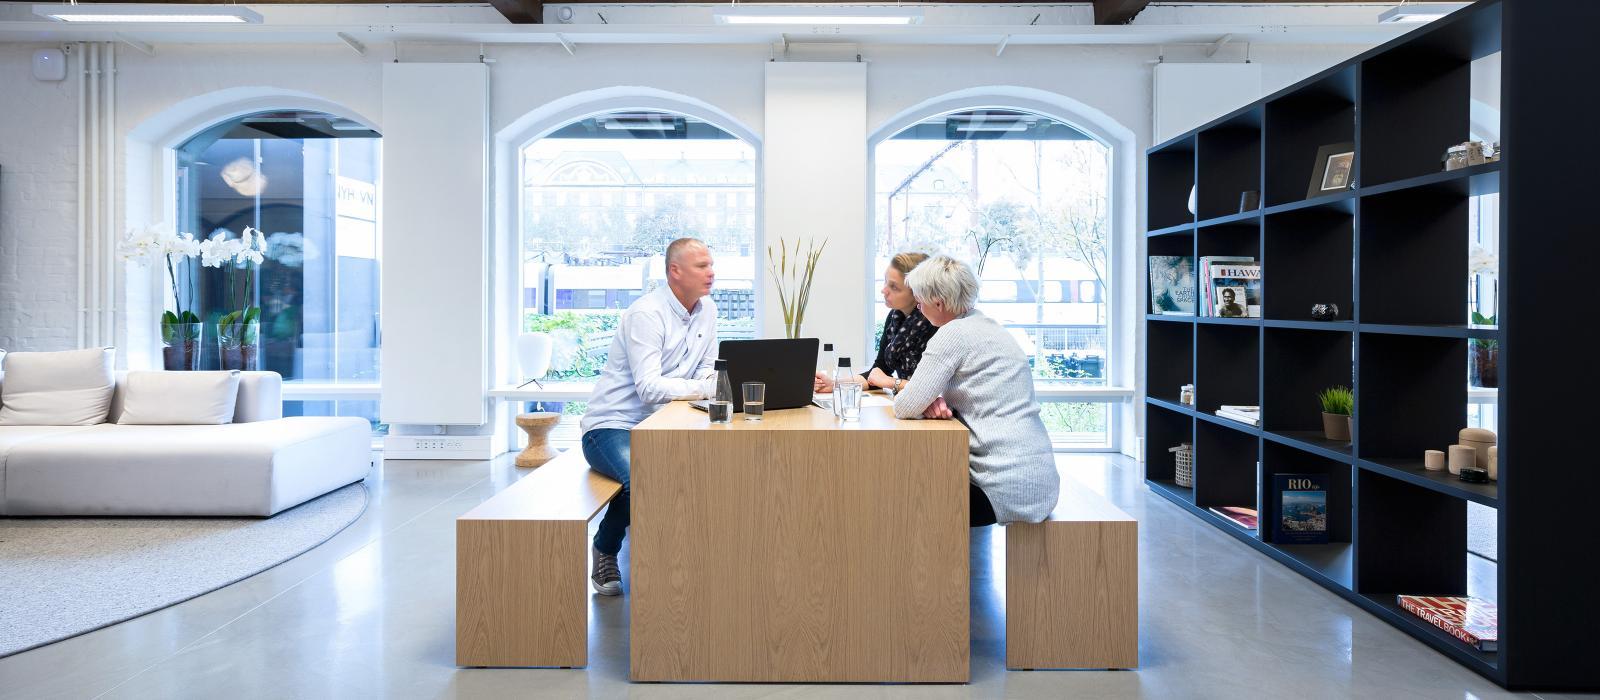 Bestyrelsen i Danmarks Rejsebureau Forening foreslår at ændre reglerne så også mindre rejsebureauer nemmere kan blive medlem af foreningen. Her arkivfoto fra et af de store DRF-medlemmer, Nyhavn Rejser.